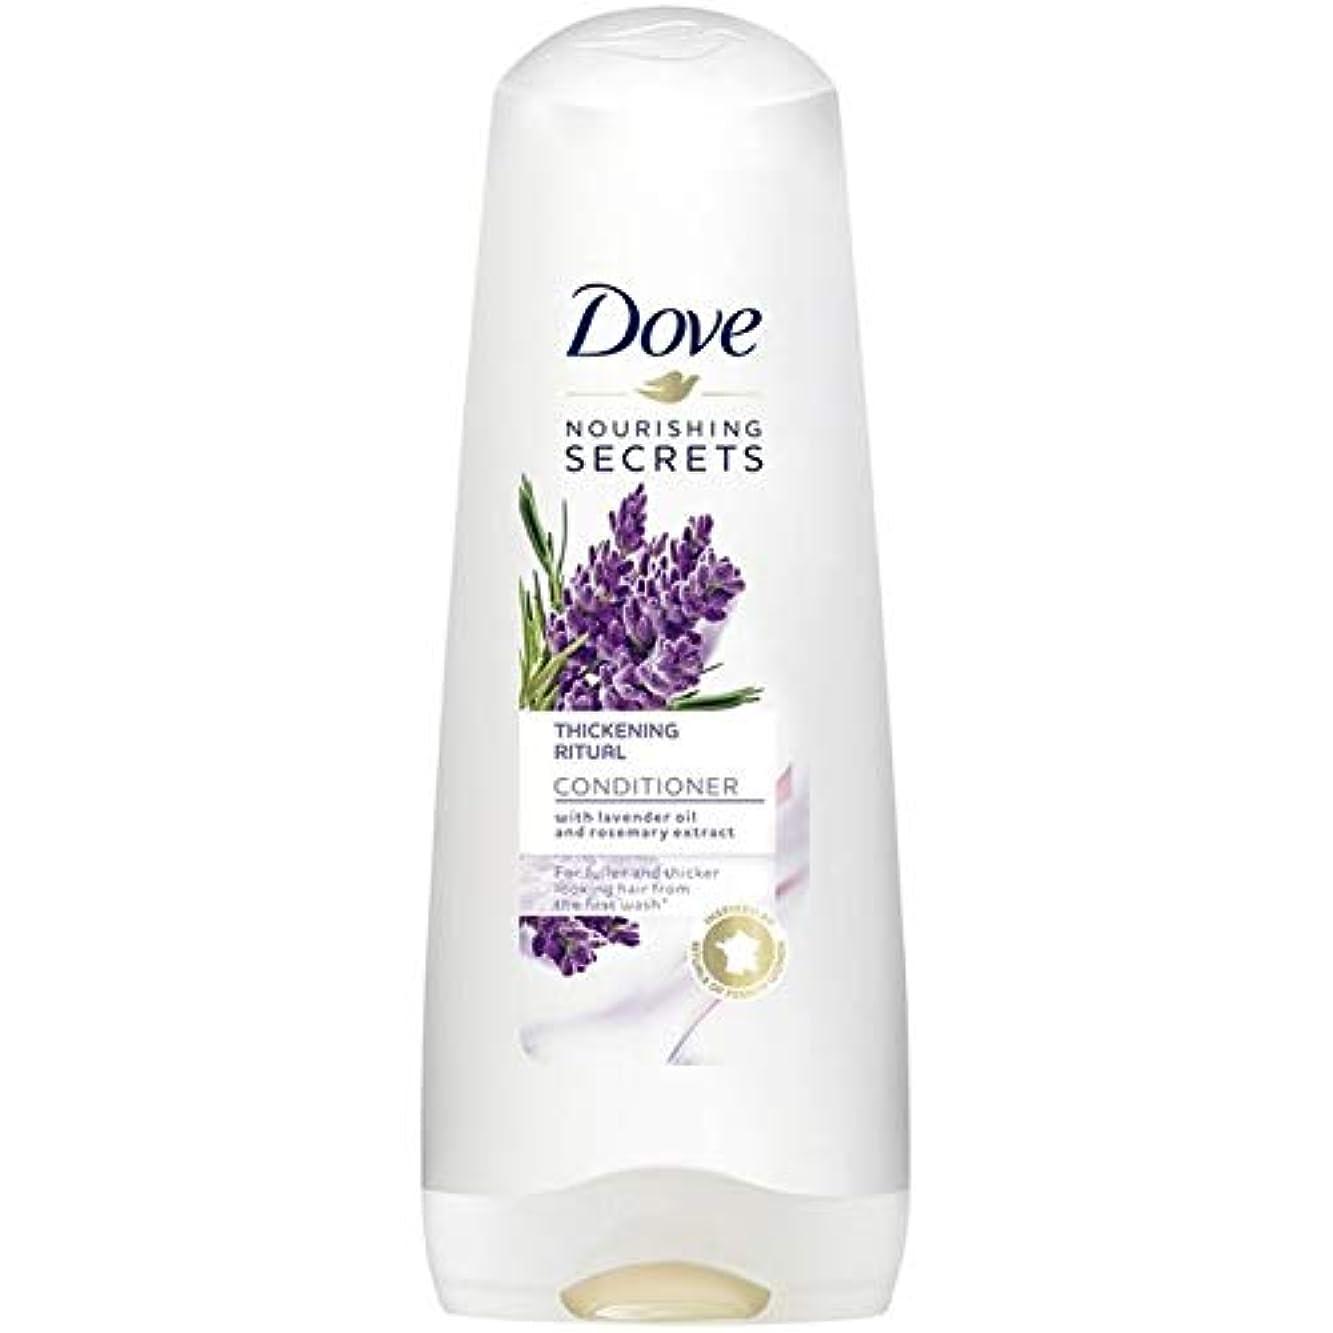 バイアスダメージケント[Dove ] 儀式コンディショナー350ミリリットルを厚く鳩栄養の秘密 - Dove Nourishing Secrets Thickening Ritual Conditioner 350ml [並行輸入品]